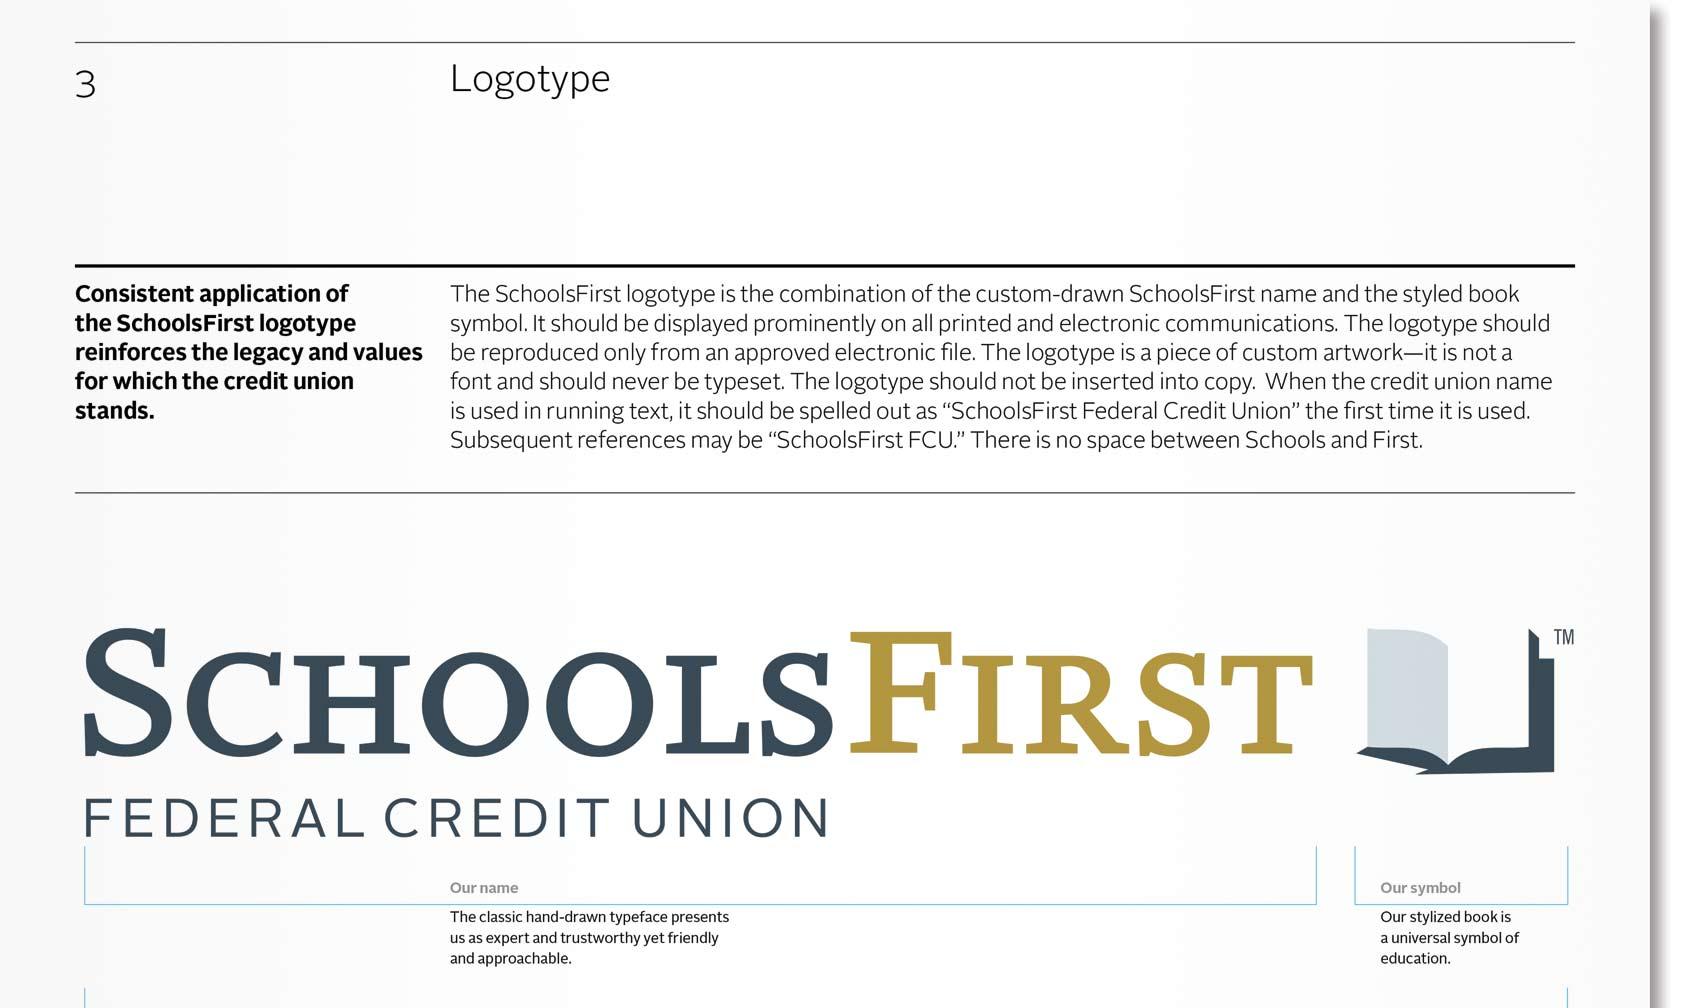 Schoolsfirst Fcu Crosby Associates Chicago